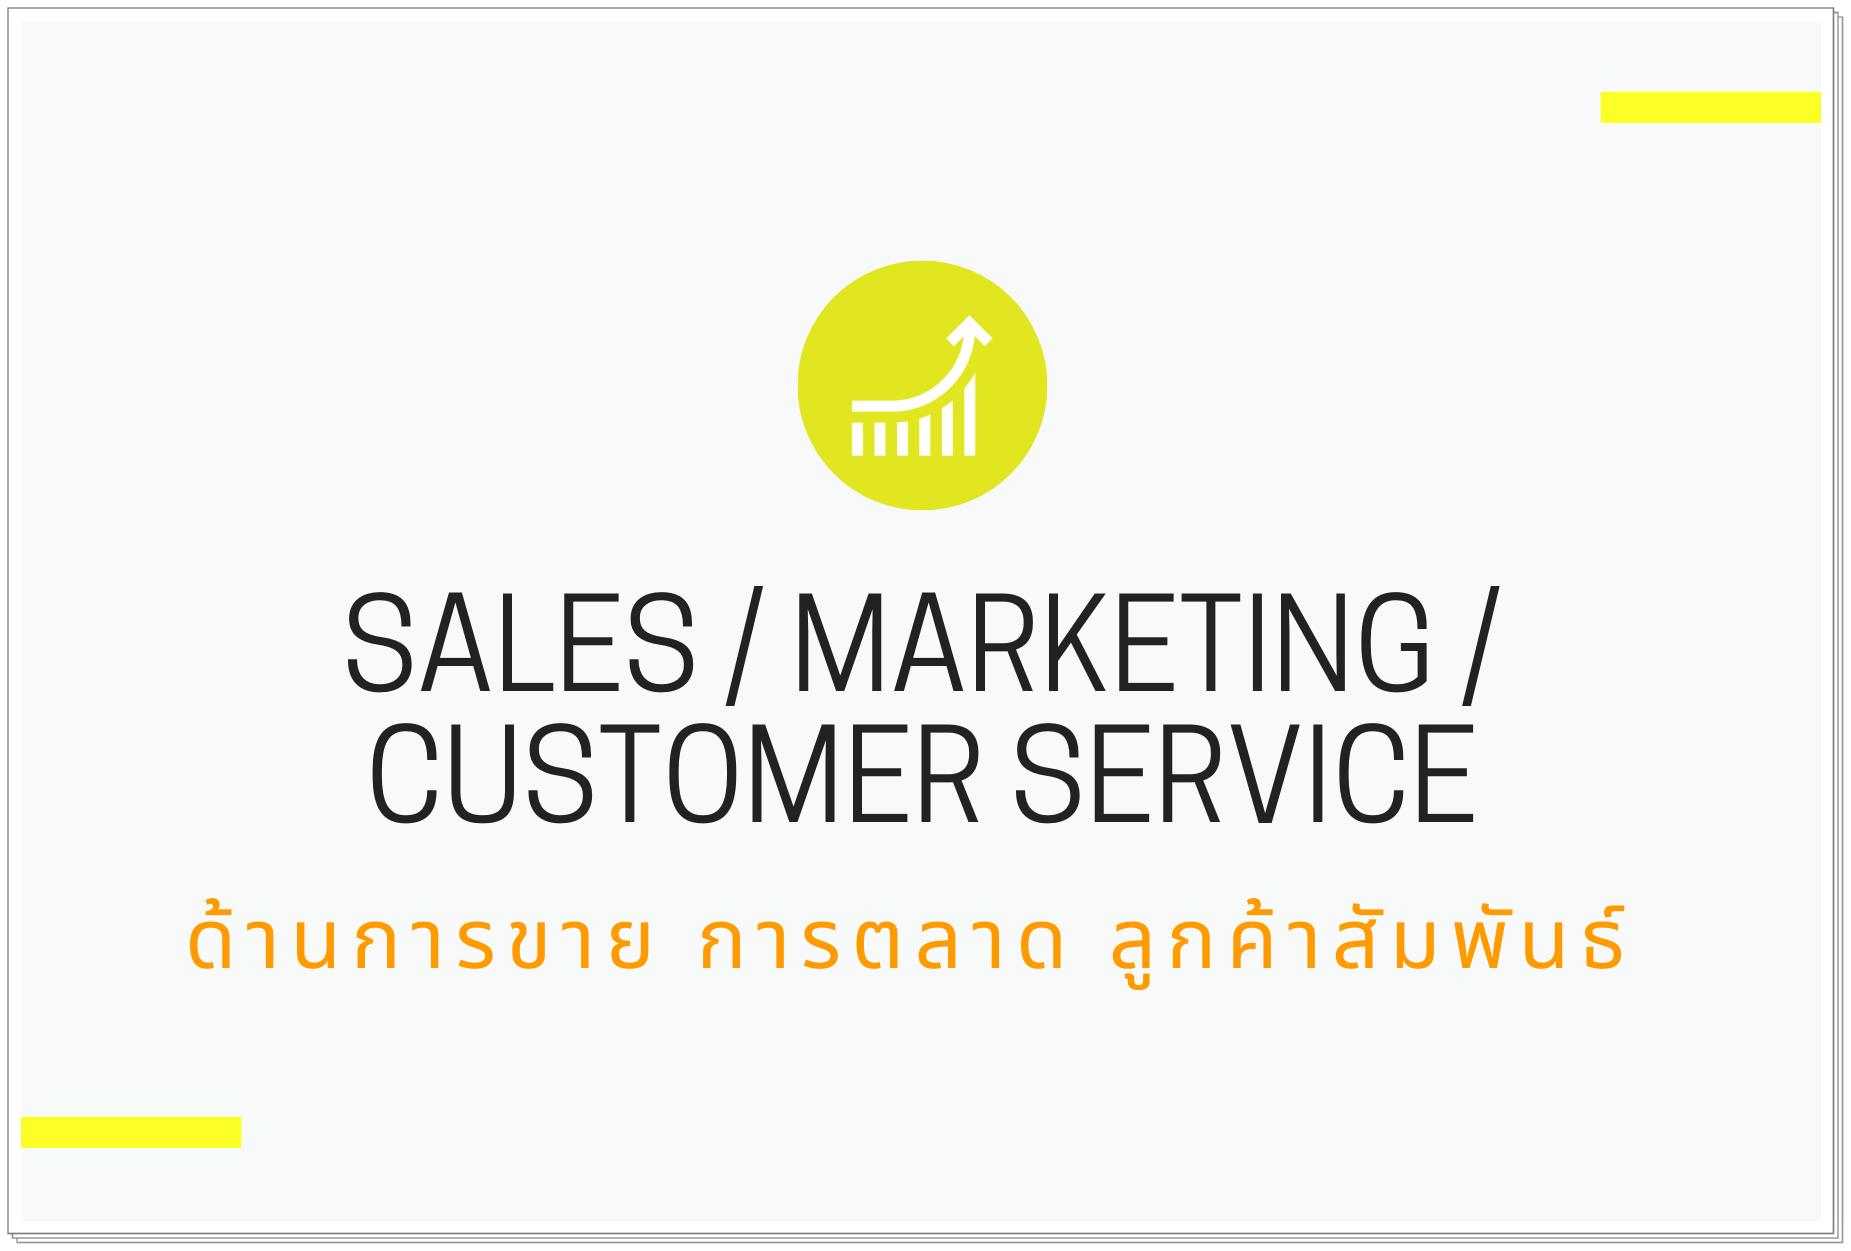 ด้านการขาย / การตลาด / ลูกค้าสัมพันธ์ (Sales / Marketing / Customer Service)